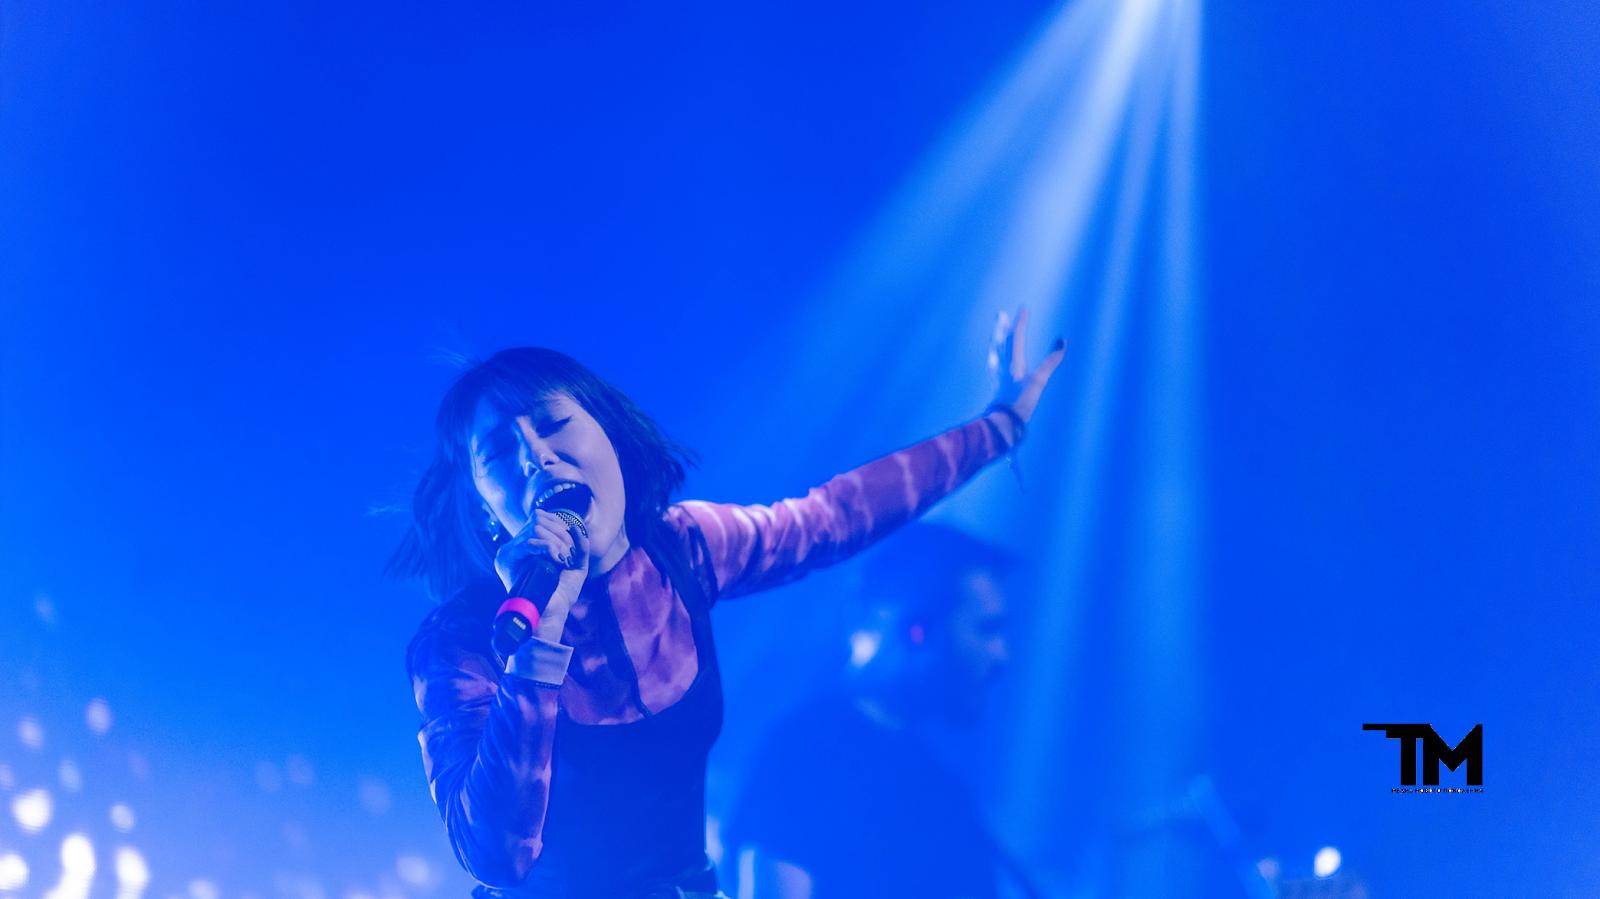 Кристина Кошелева выпустила дебютный сольный альбом